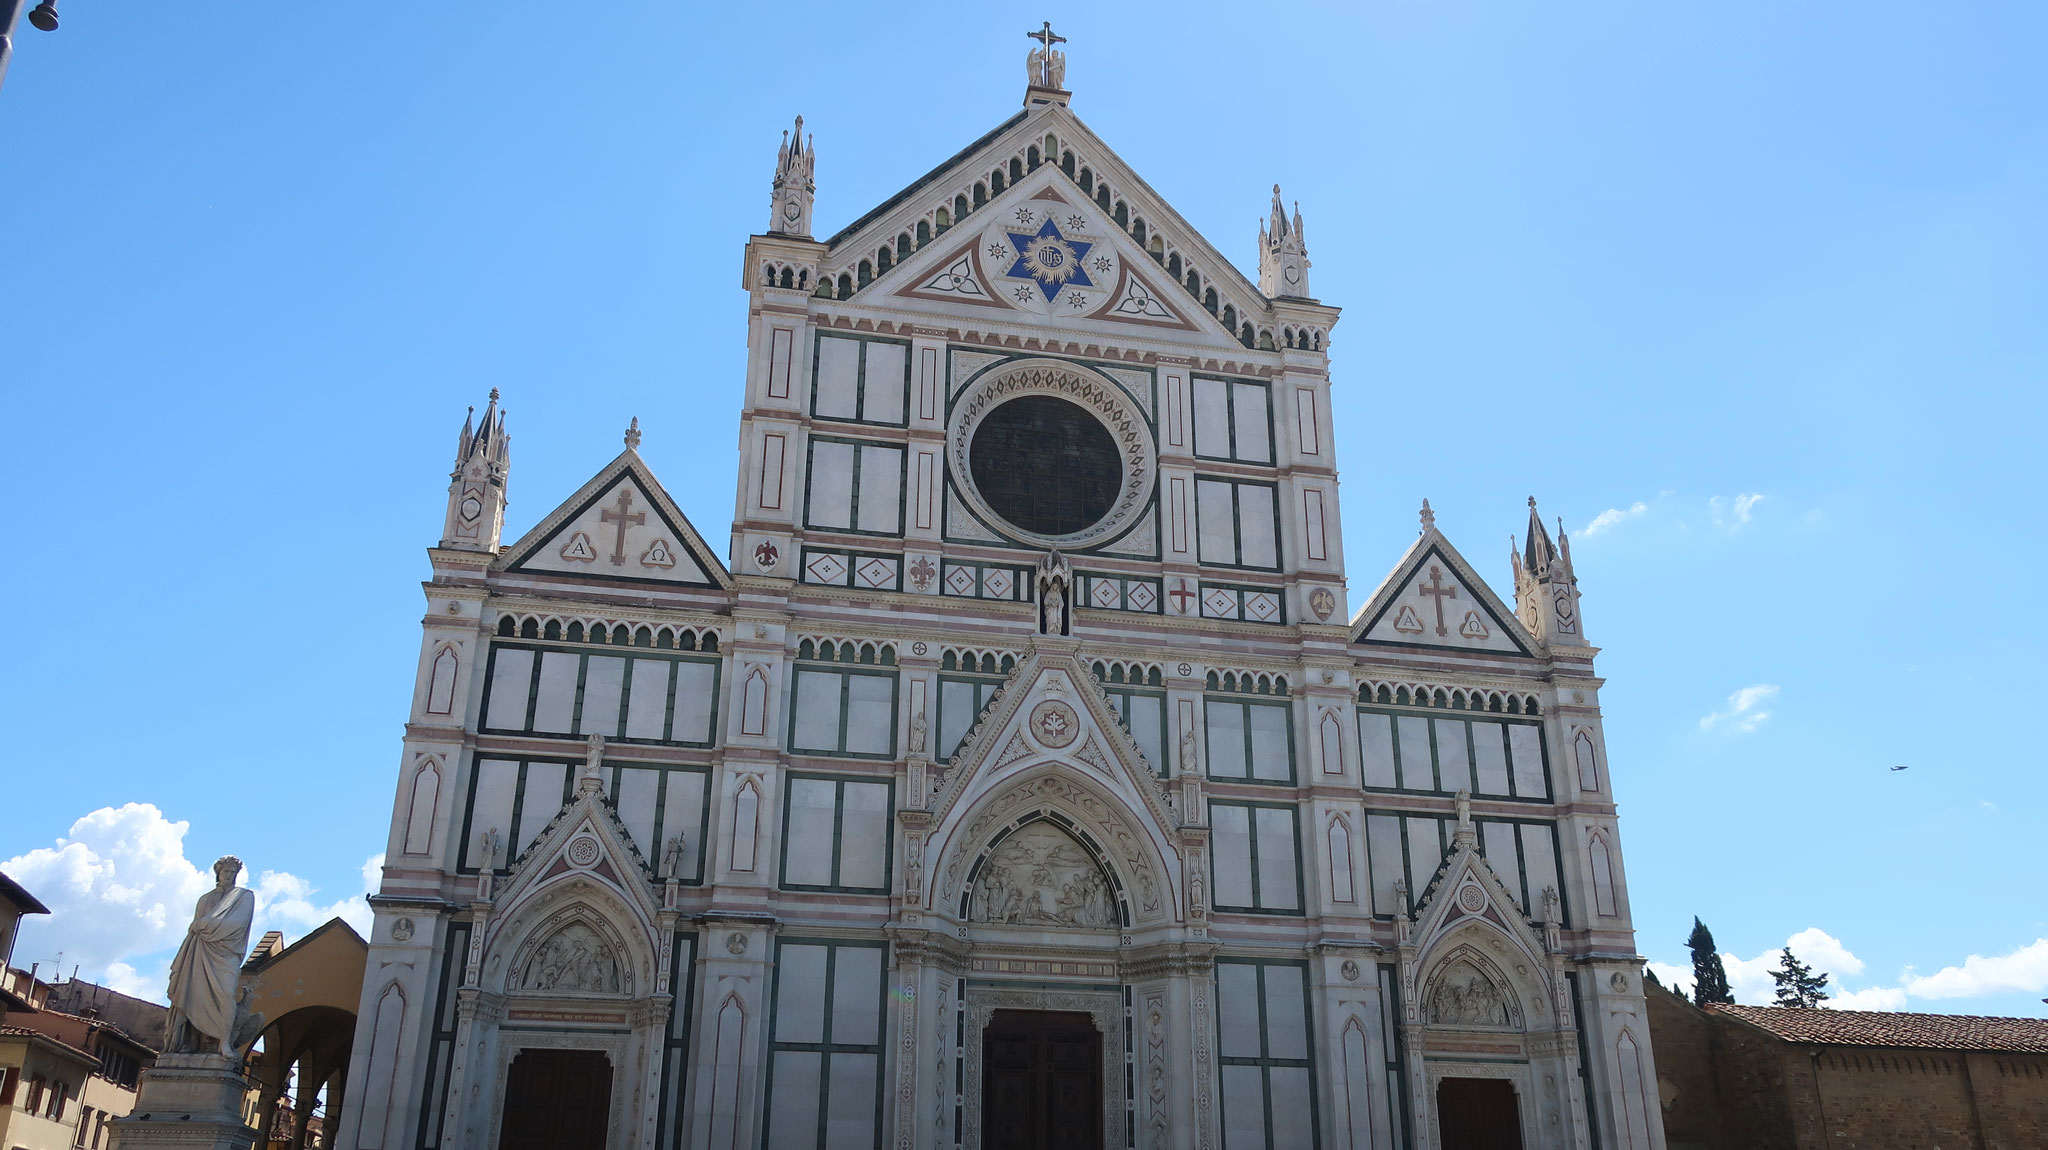 サンタ・クローチェ(聖なる十字架)教会。ナイチンゲールはフィレンツェで生まれ、この教会で洗礼を受けました。